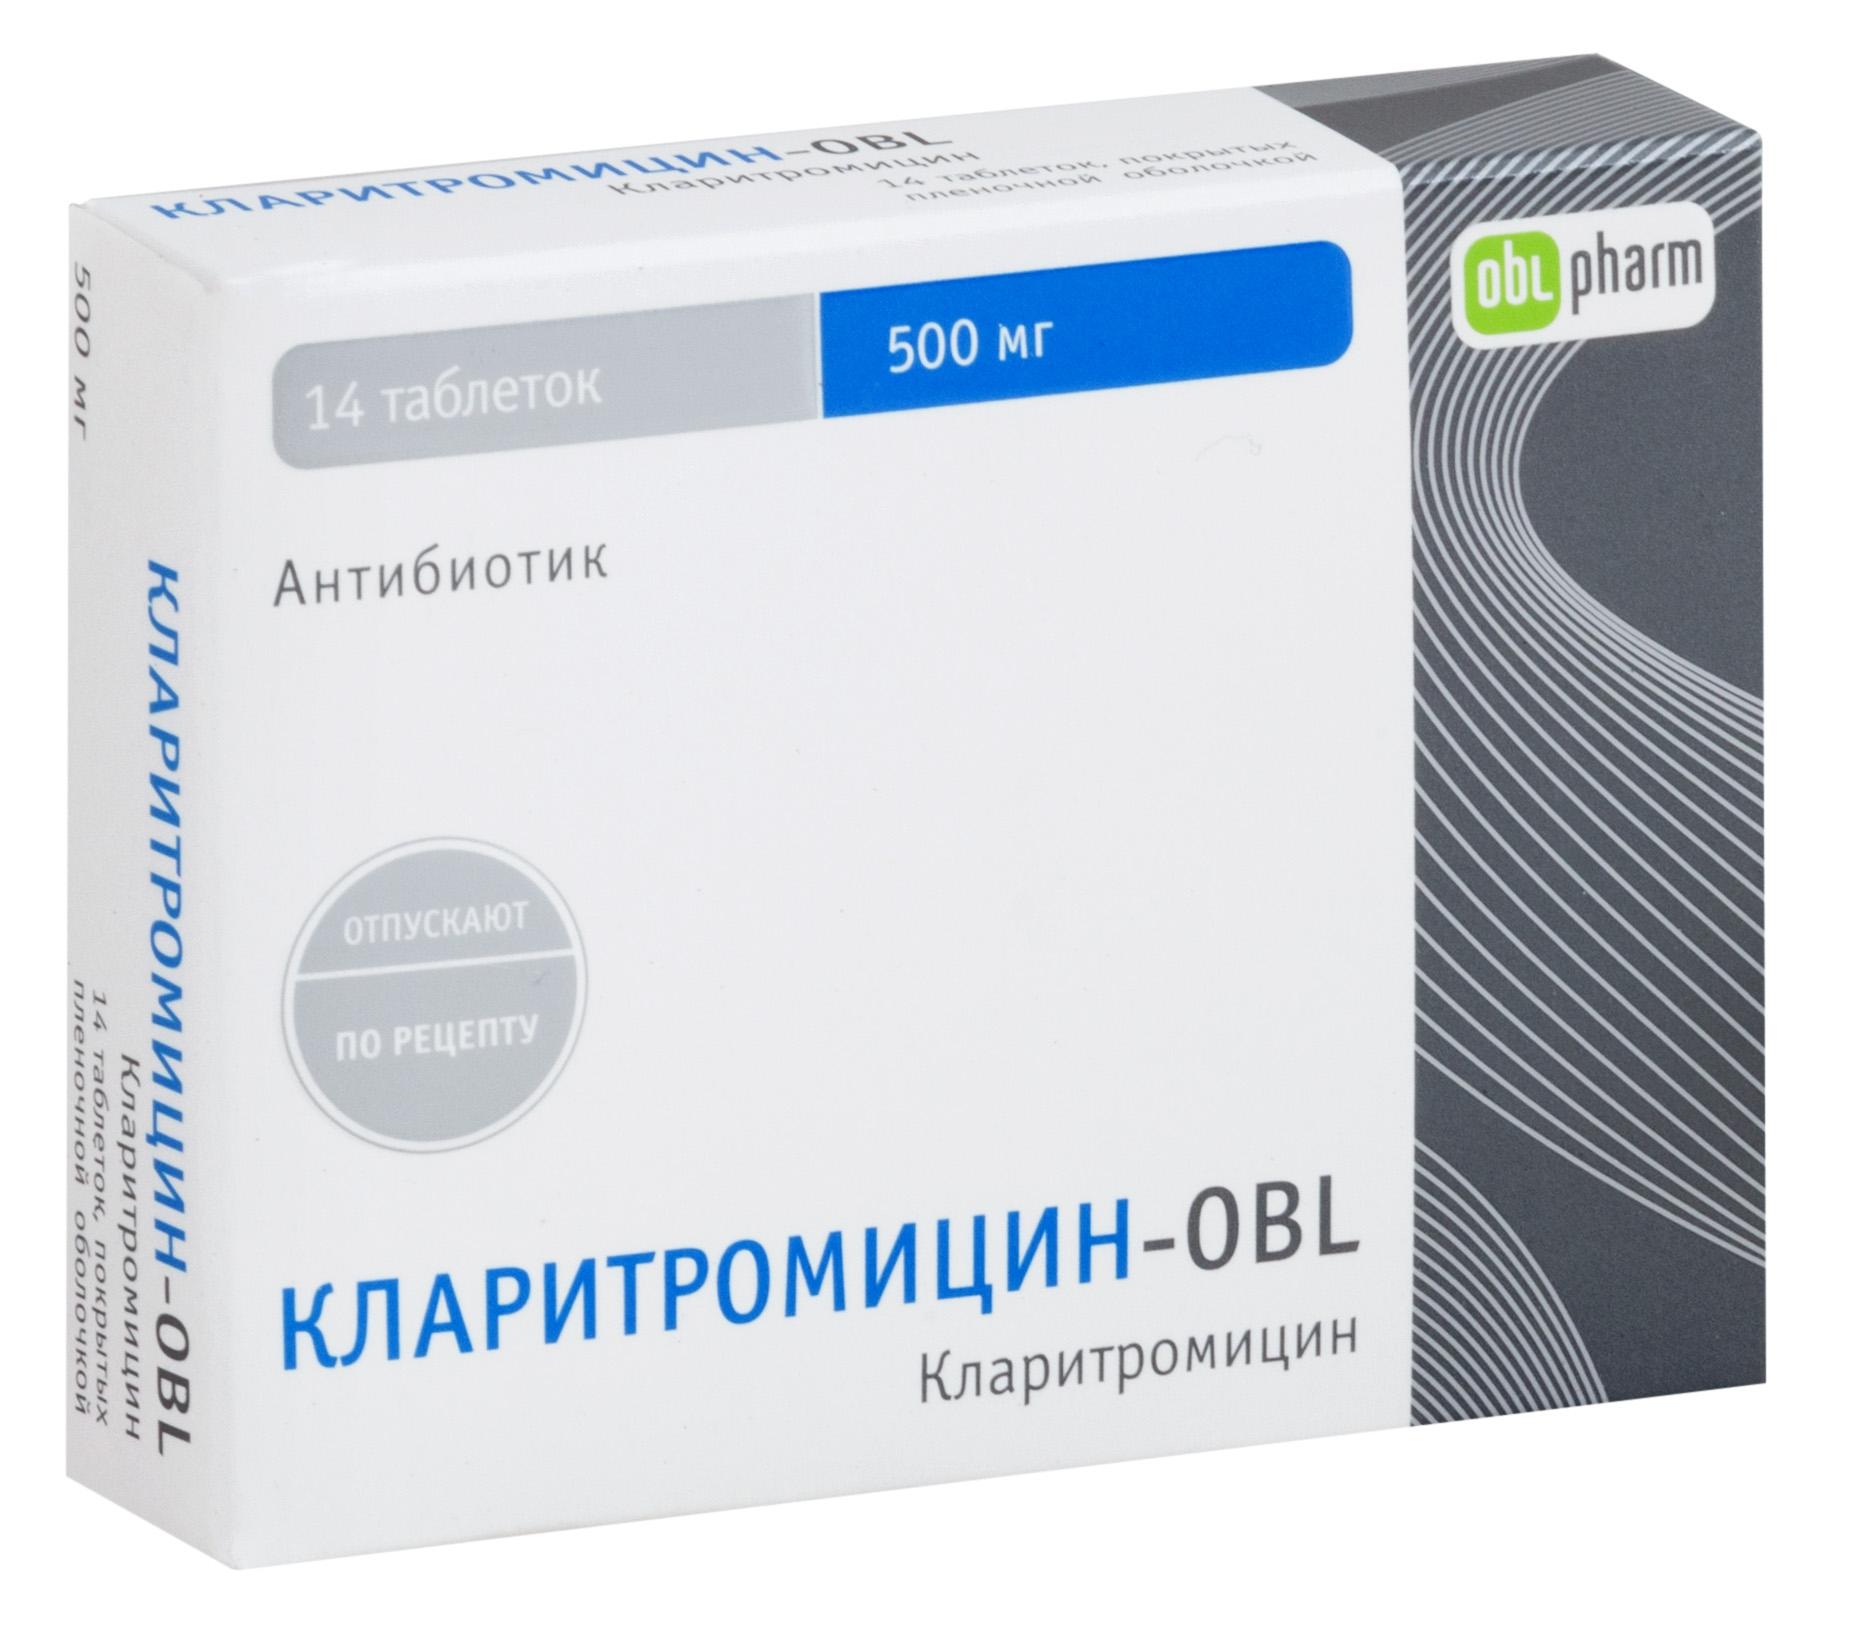 Кларитромицин-obl таб. п.п.о. 500мг n14